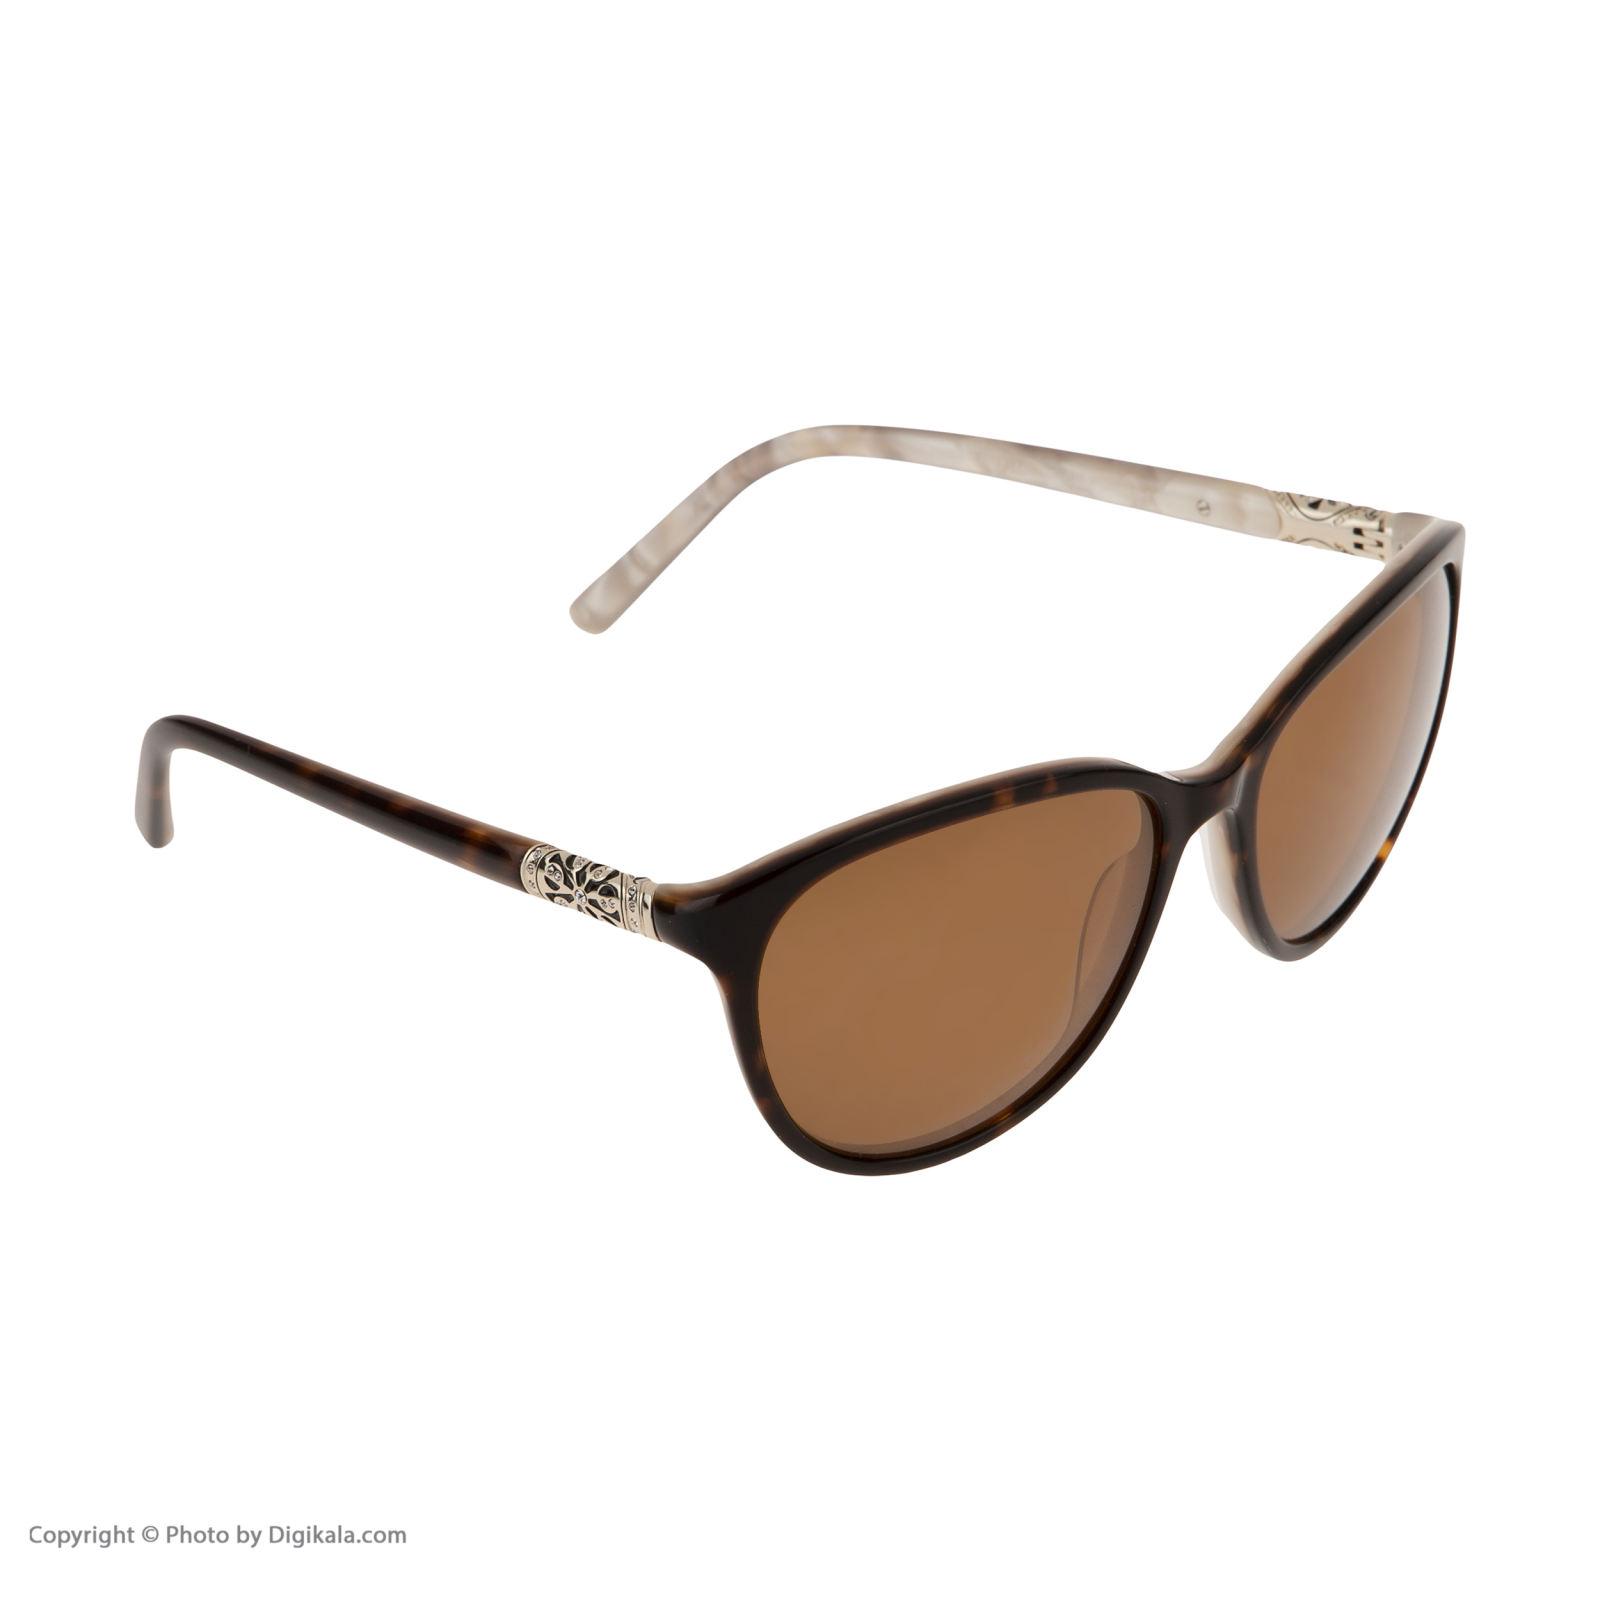 عینک آفتابی زنانه ویستان مدل 7950003 -  - 3